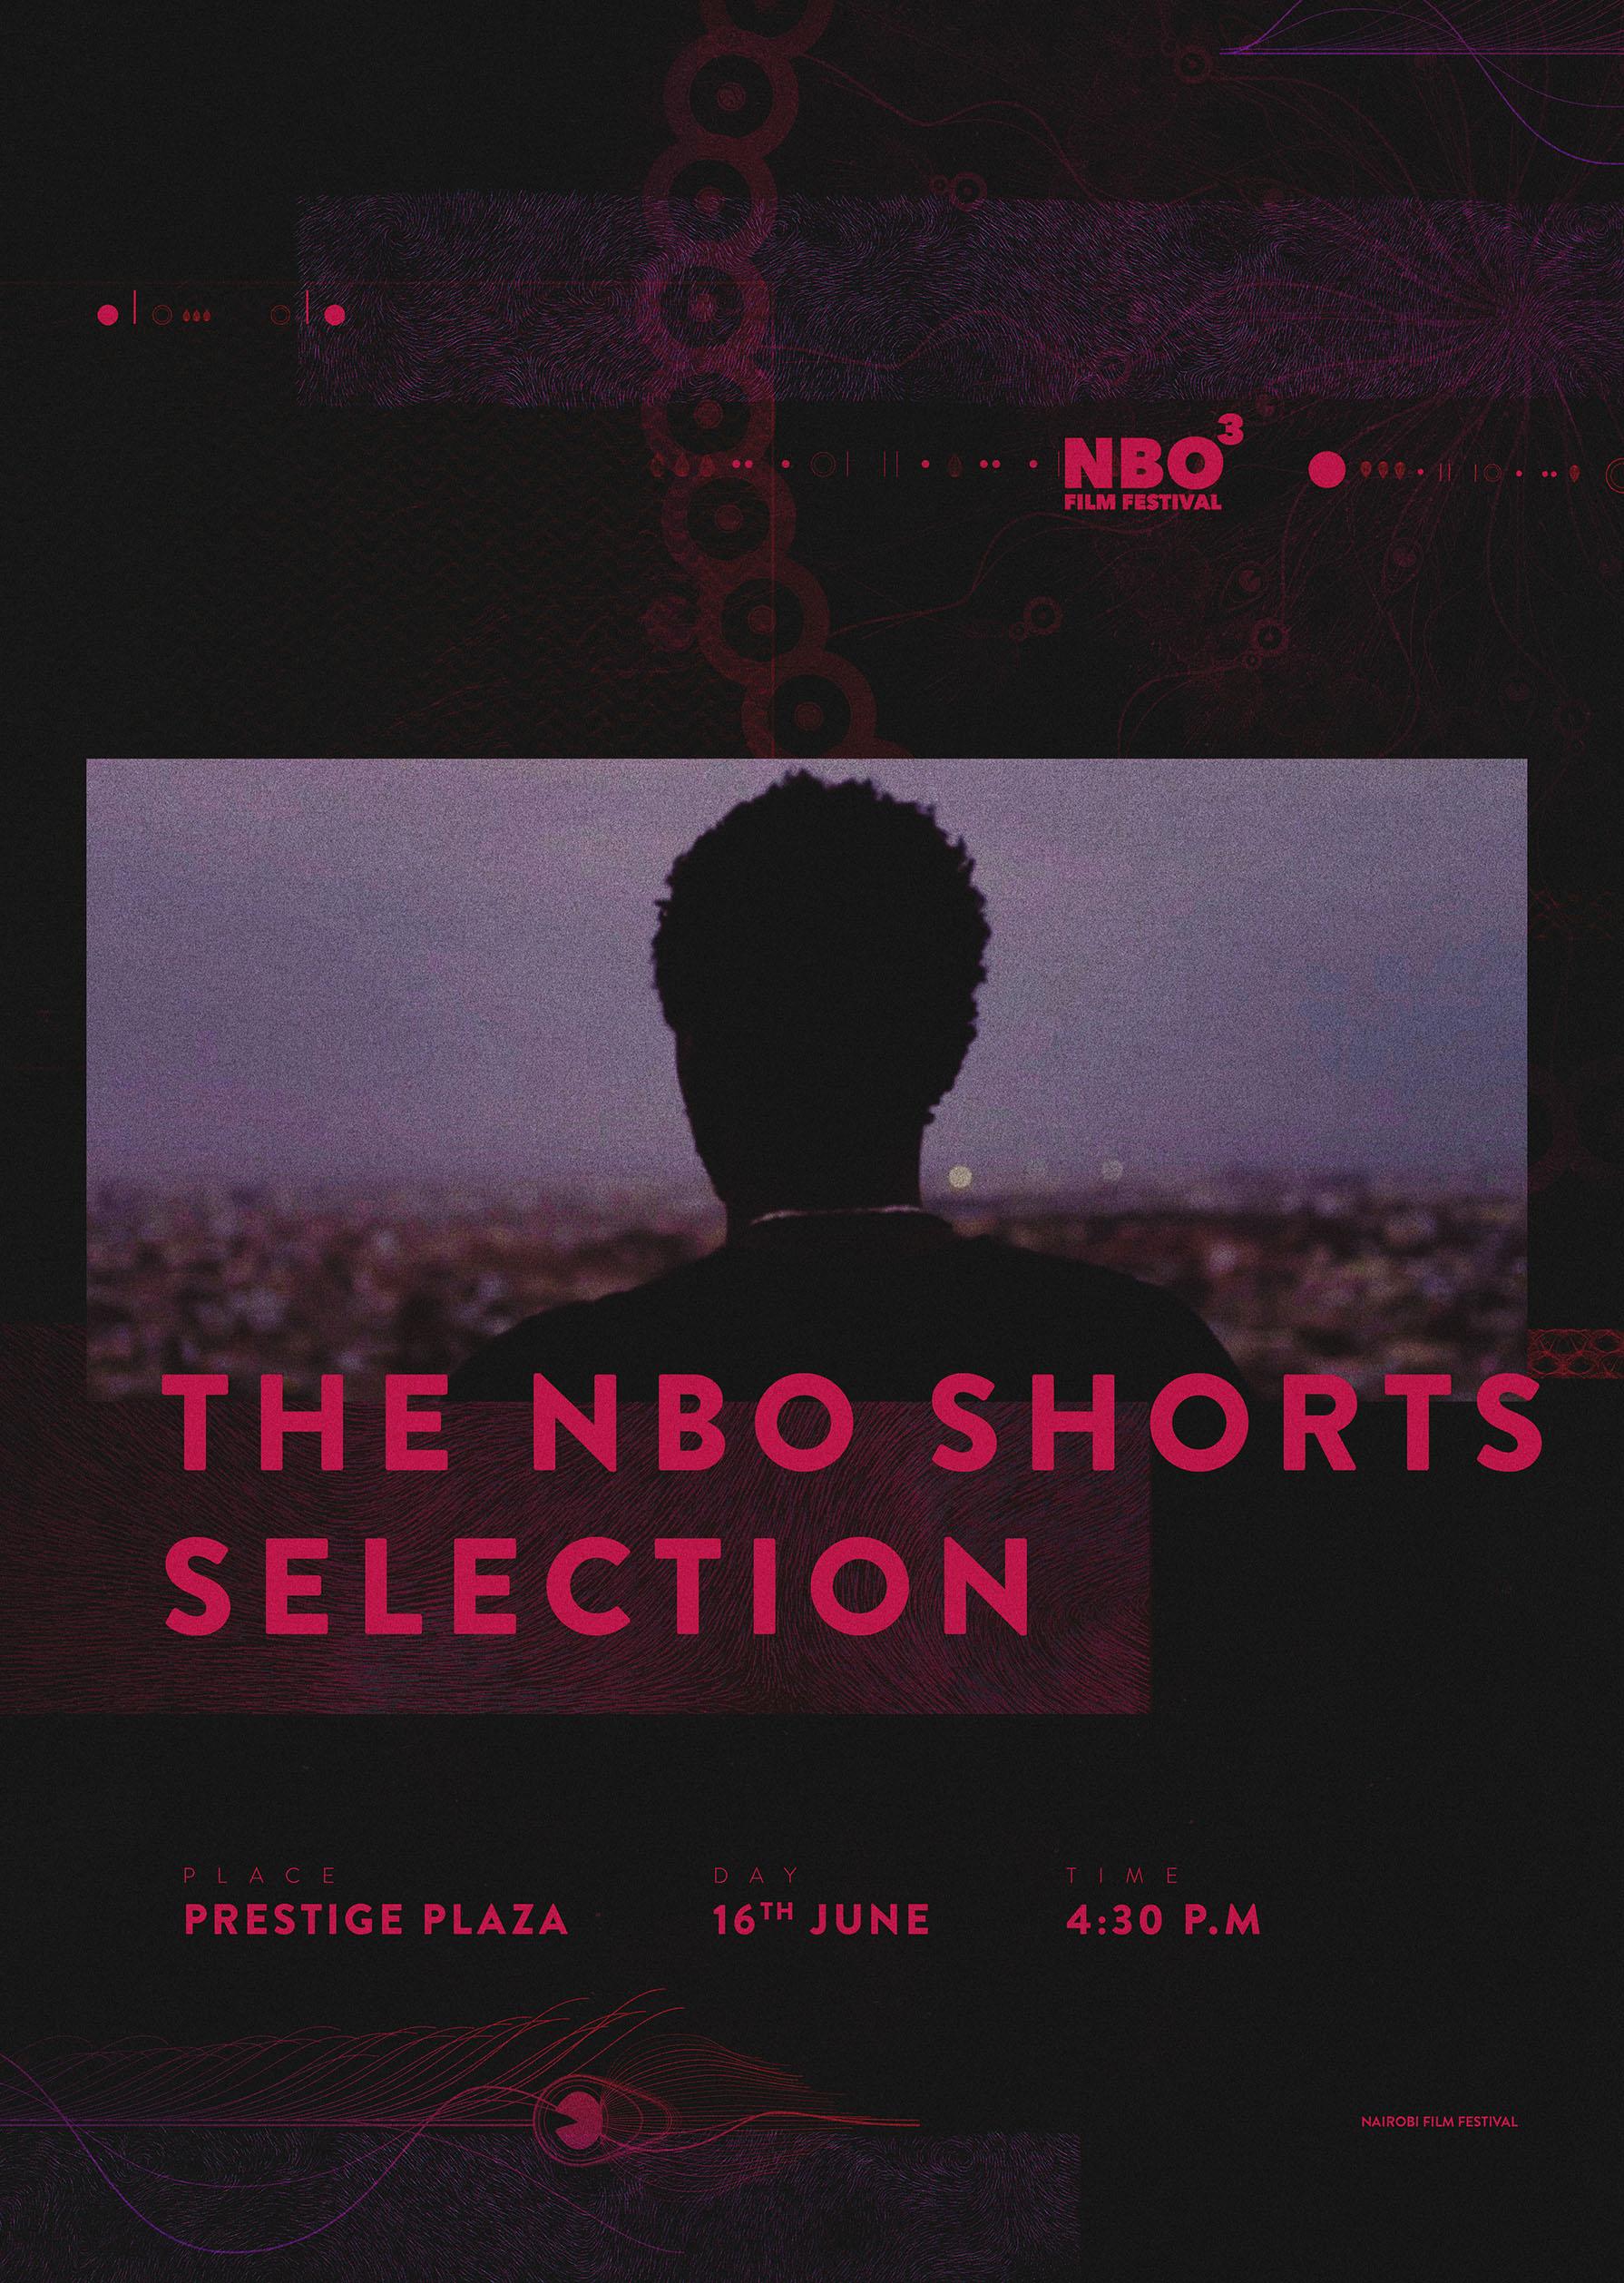 nbo shorts selection A3 jpeg.jpg